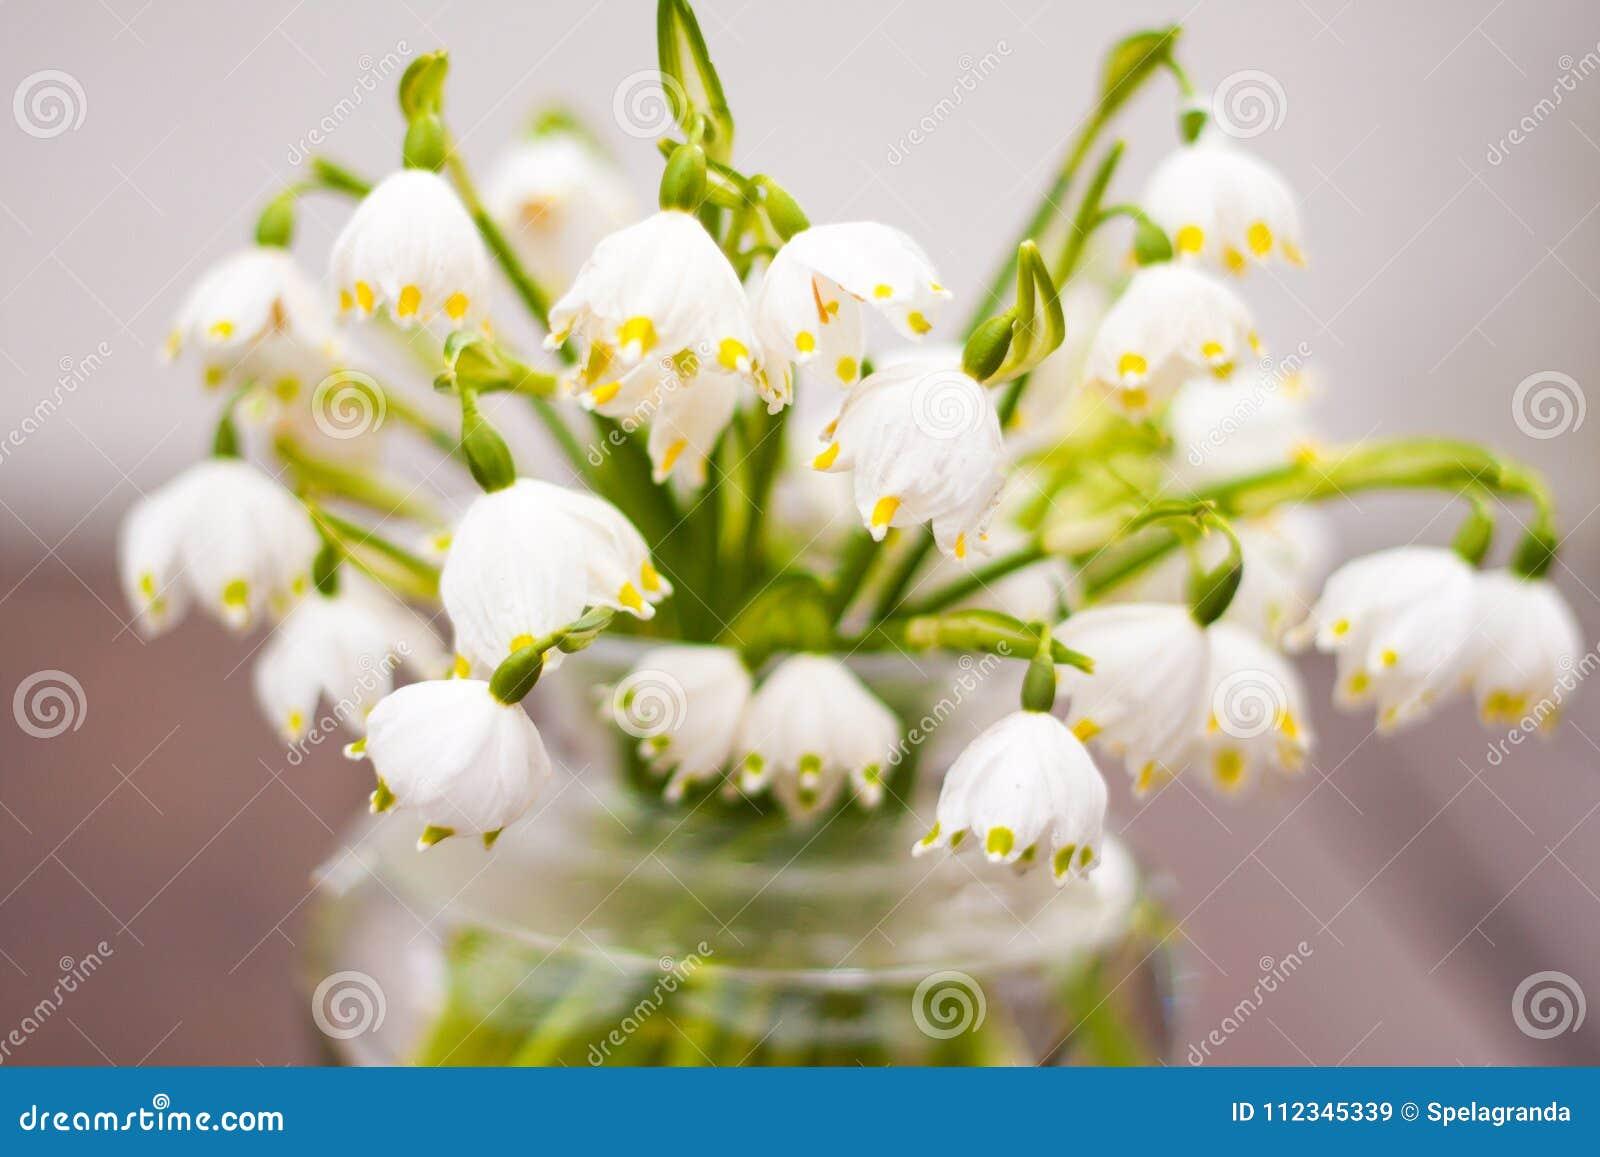 Les premières fleurs du ressort